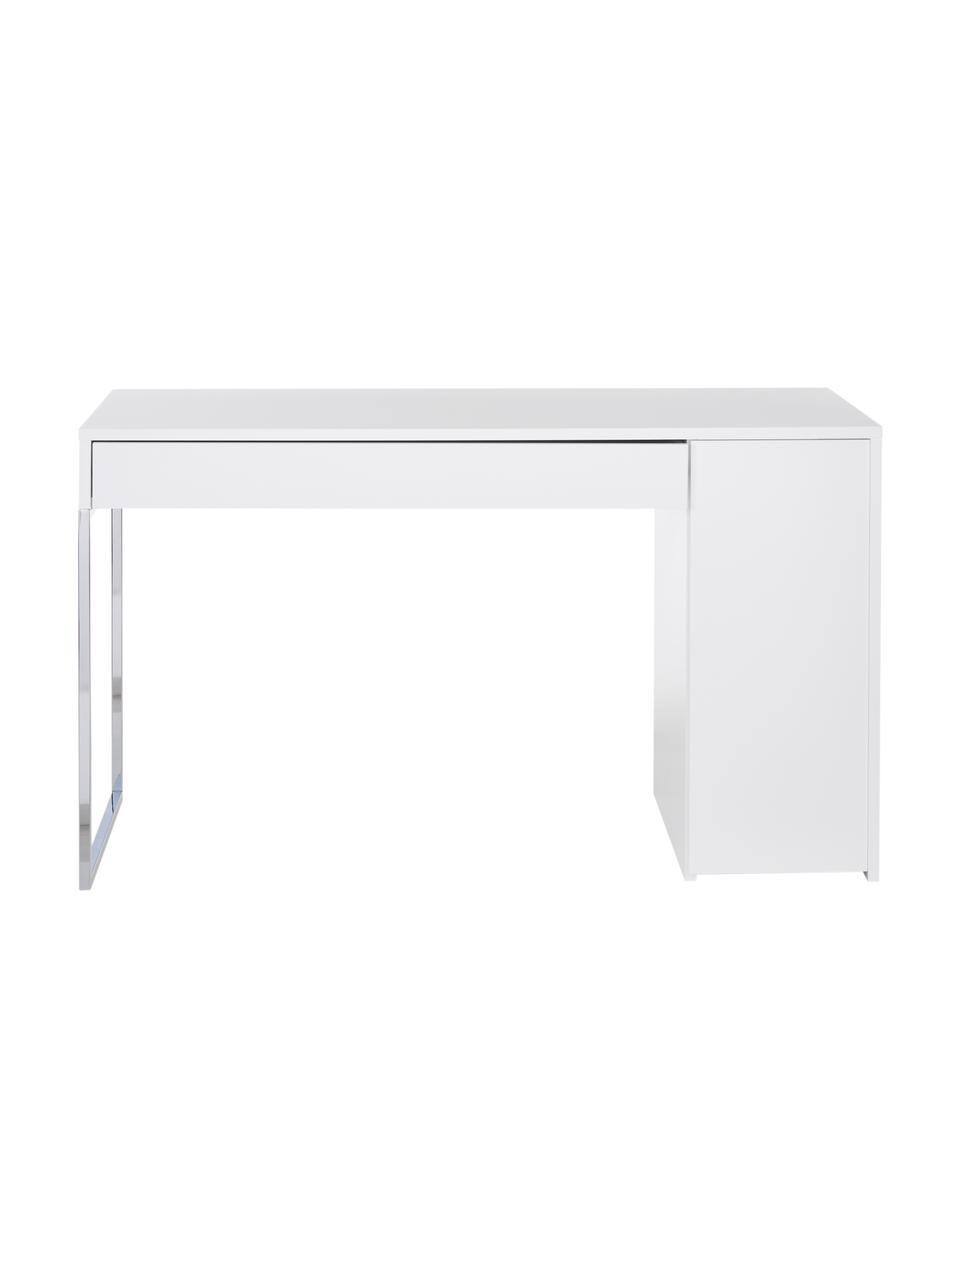 Schreibtisch Tiago in Weiß, Oberfläche: Echtholzfurnier, Korpus: Holzfaserplatte, Spanholz, Weiß, matt Beine: Metall, verchromt, B 130 x T 60 cm